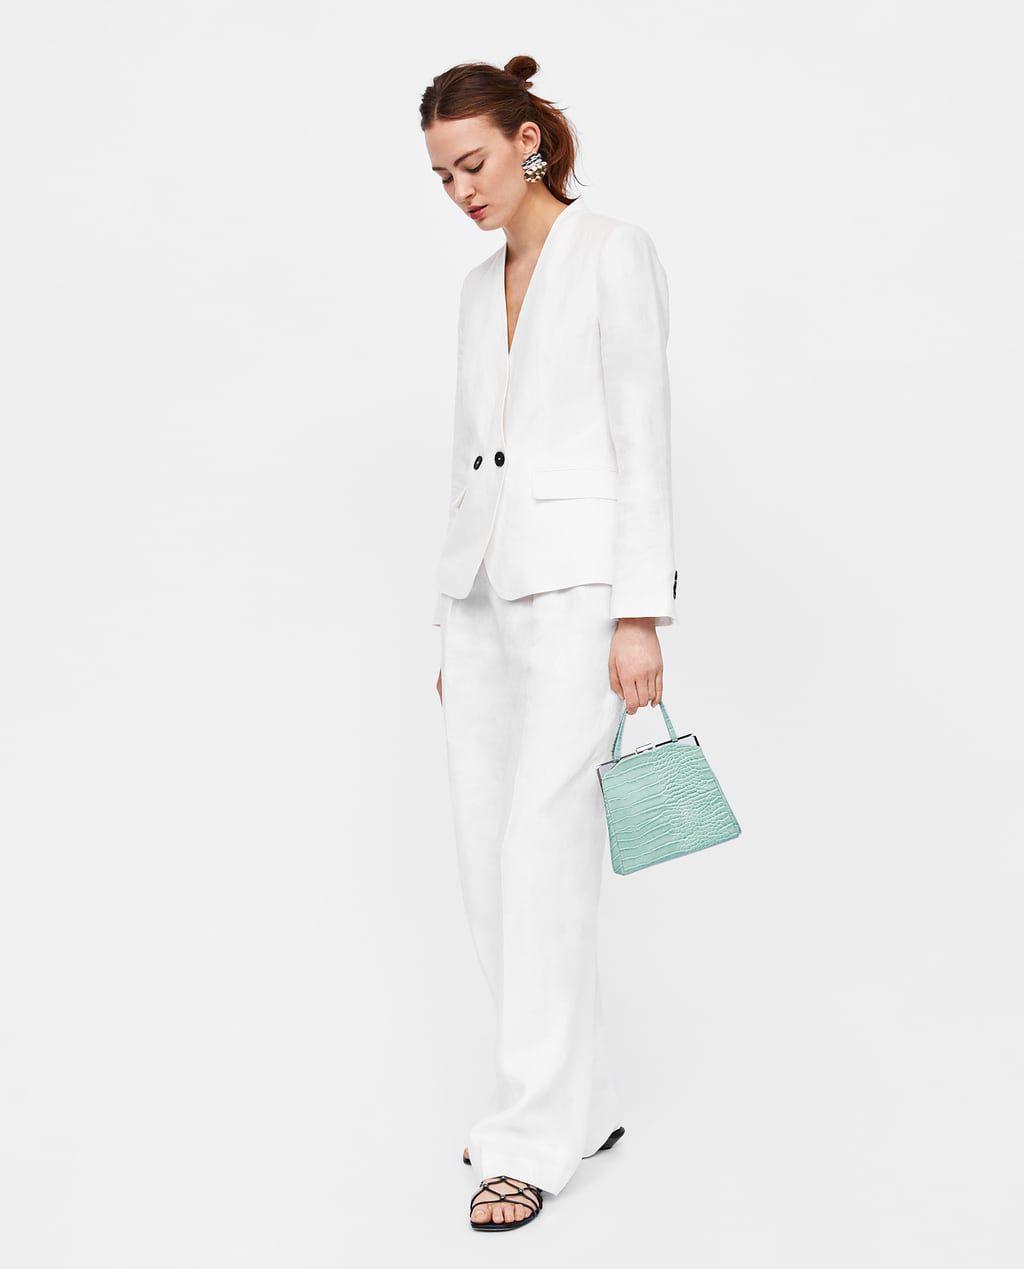 Rezervirano za dame: Pronašli smo savršenu torbicu koja će savršeno zaokružiti elegantne outfite